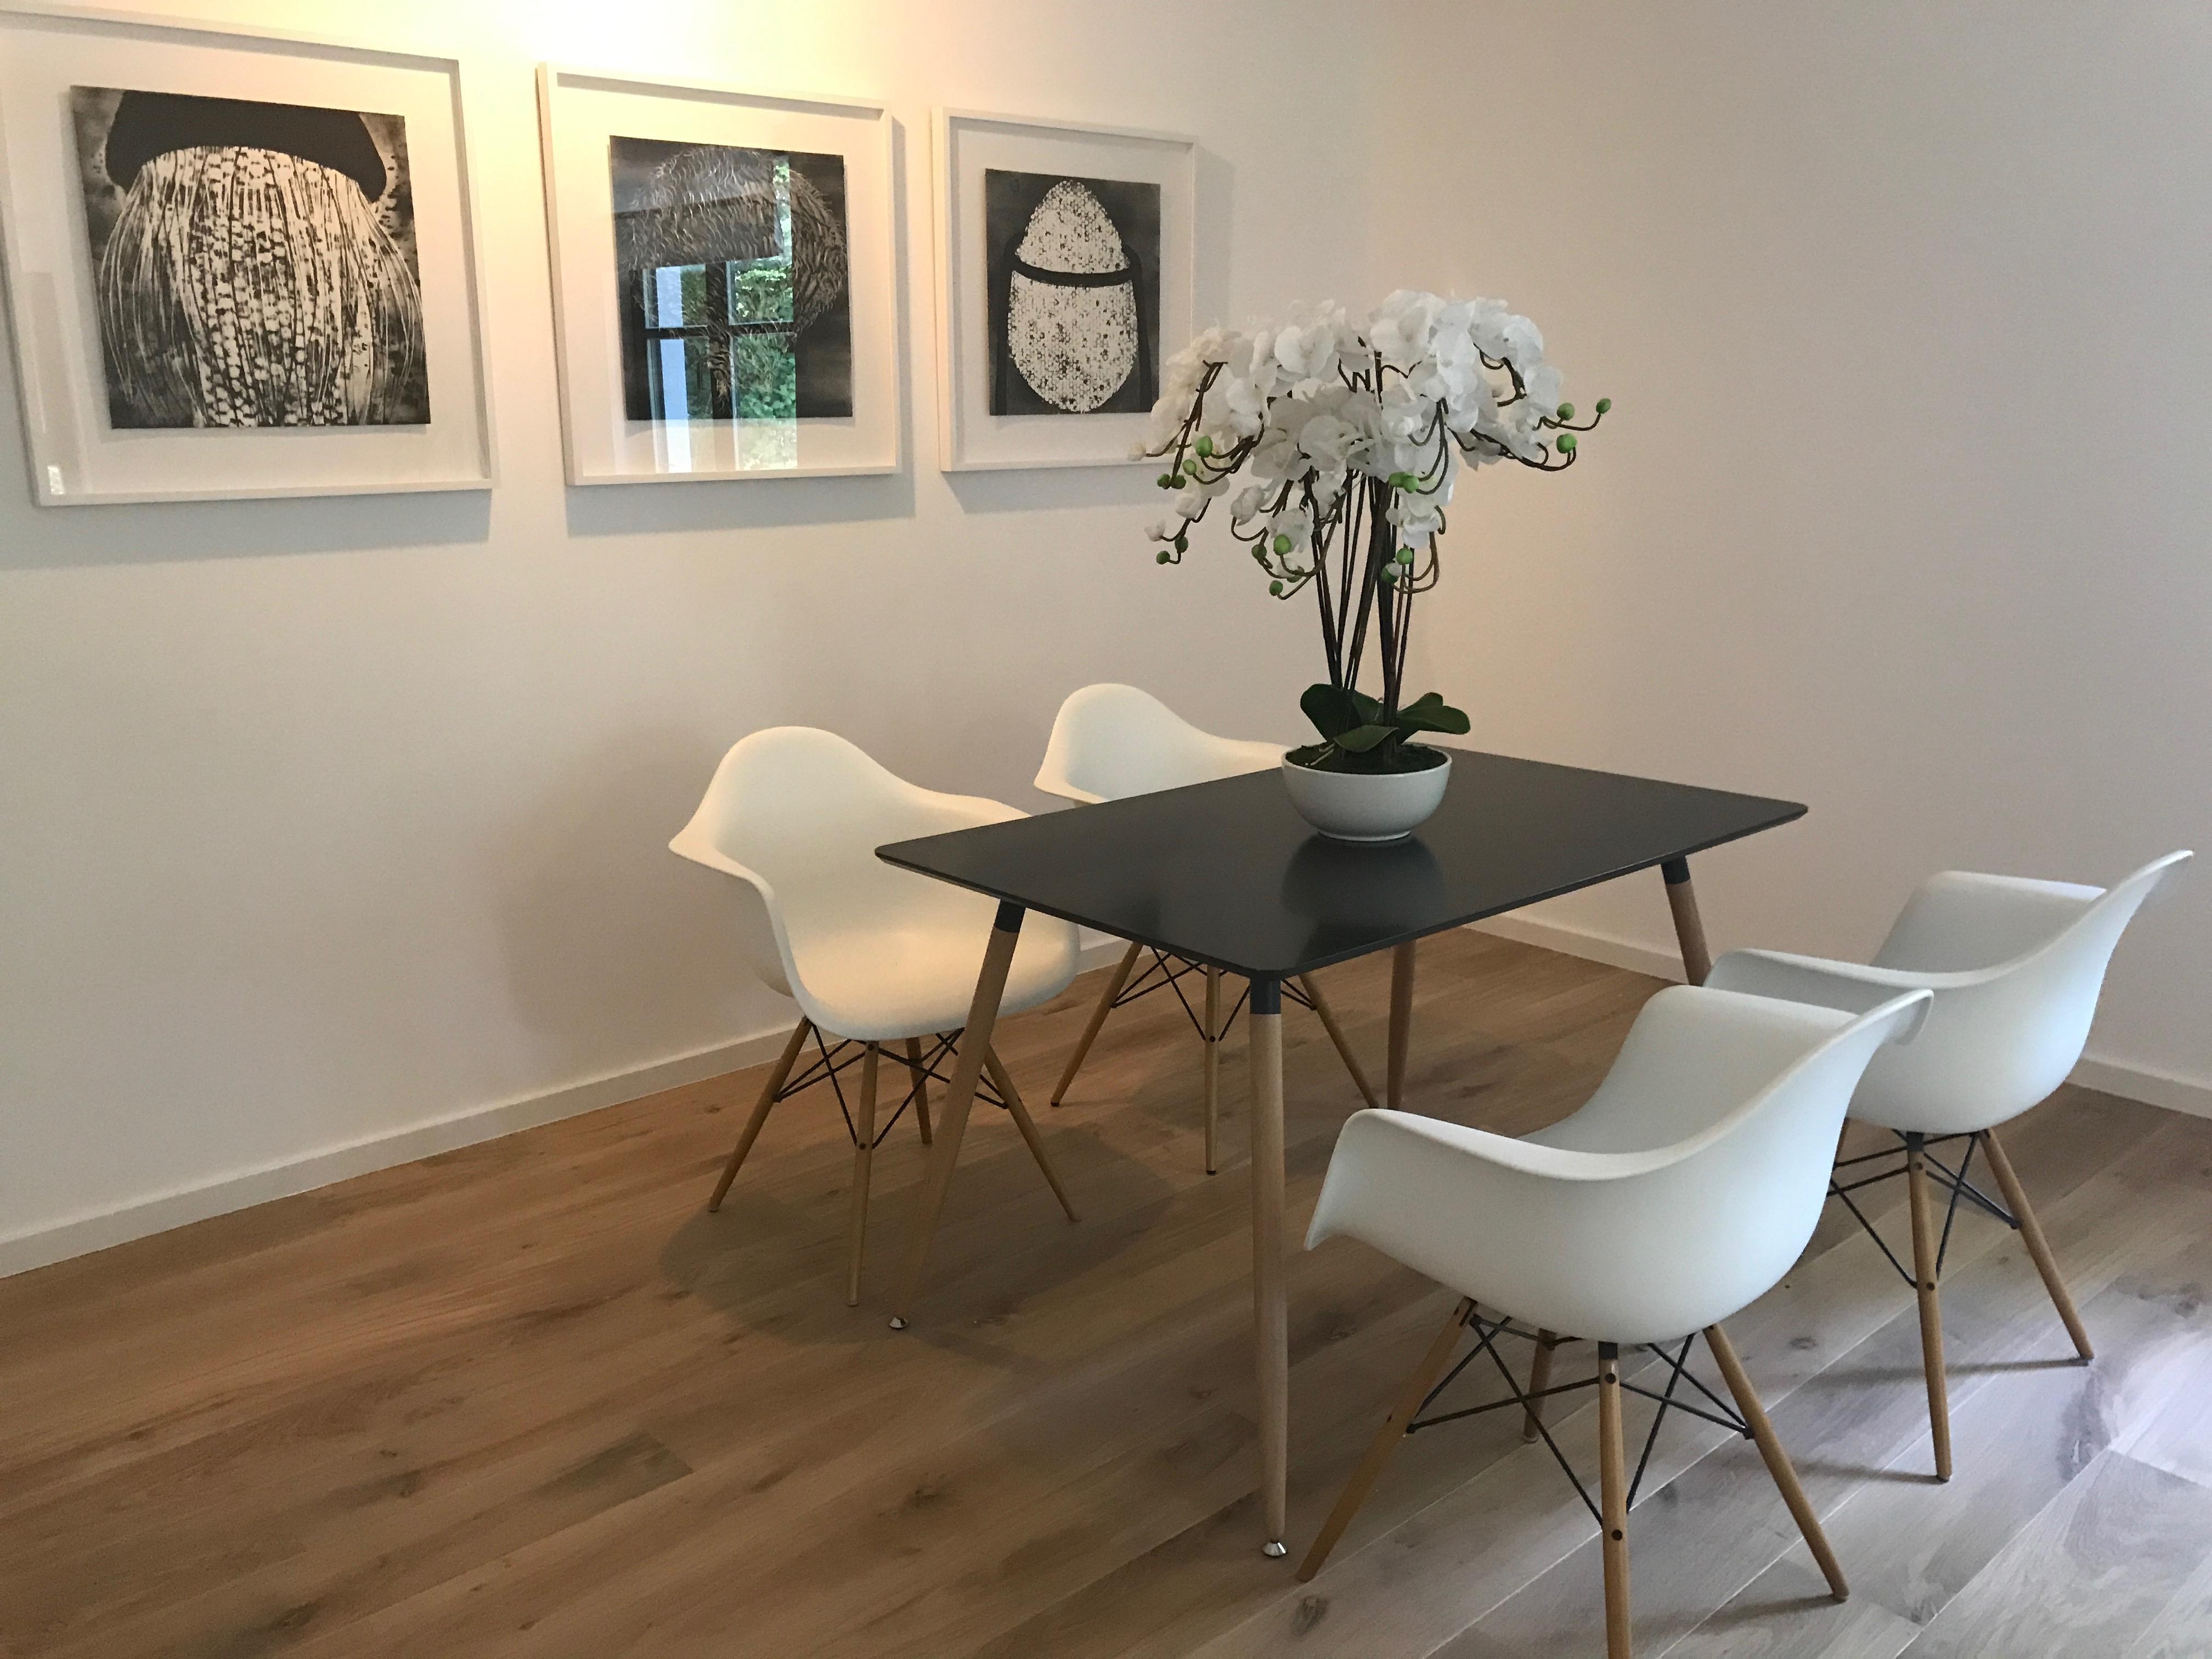 Essecke Im Wohnzimmer #esstisch #wandbild #essecke ©Miracle Room